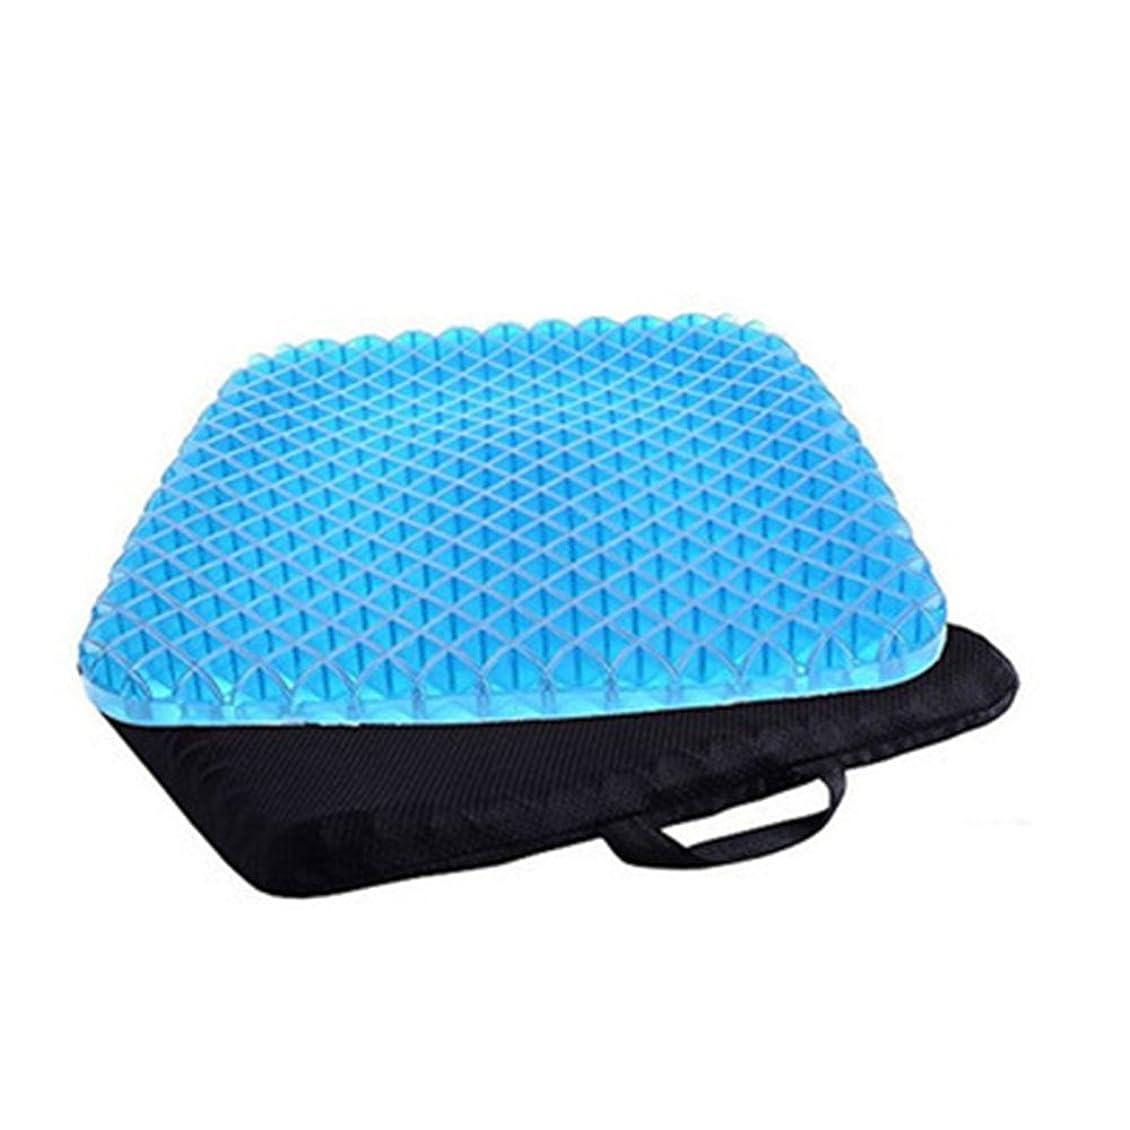 ダーツ無駄アクロバットエッグジェルシートカーエア通気性シートオフィスレリーフペイント疲れシートクッション、防水性、通気性、男性用、防風性、通気性、男性用、女性用